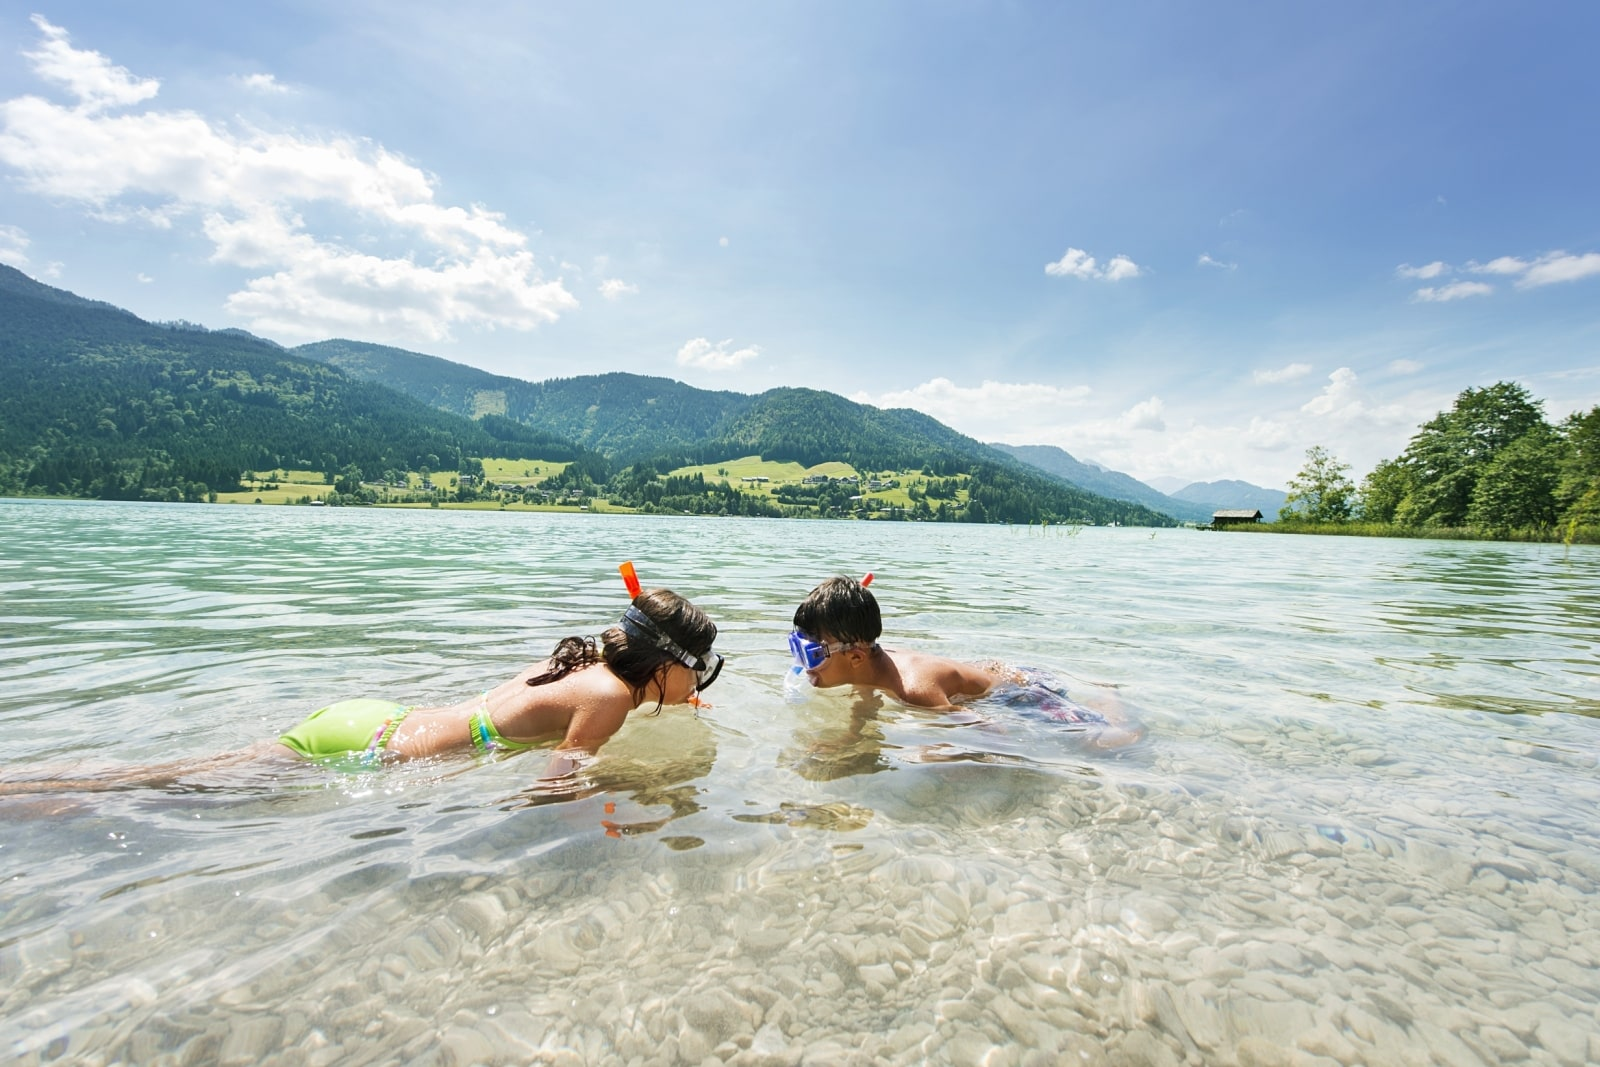 Heidi-Chalet-Falkert-Heidialm-Natur-See-Baden-Relaxen-Badespass